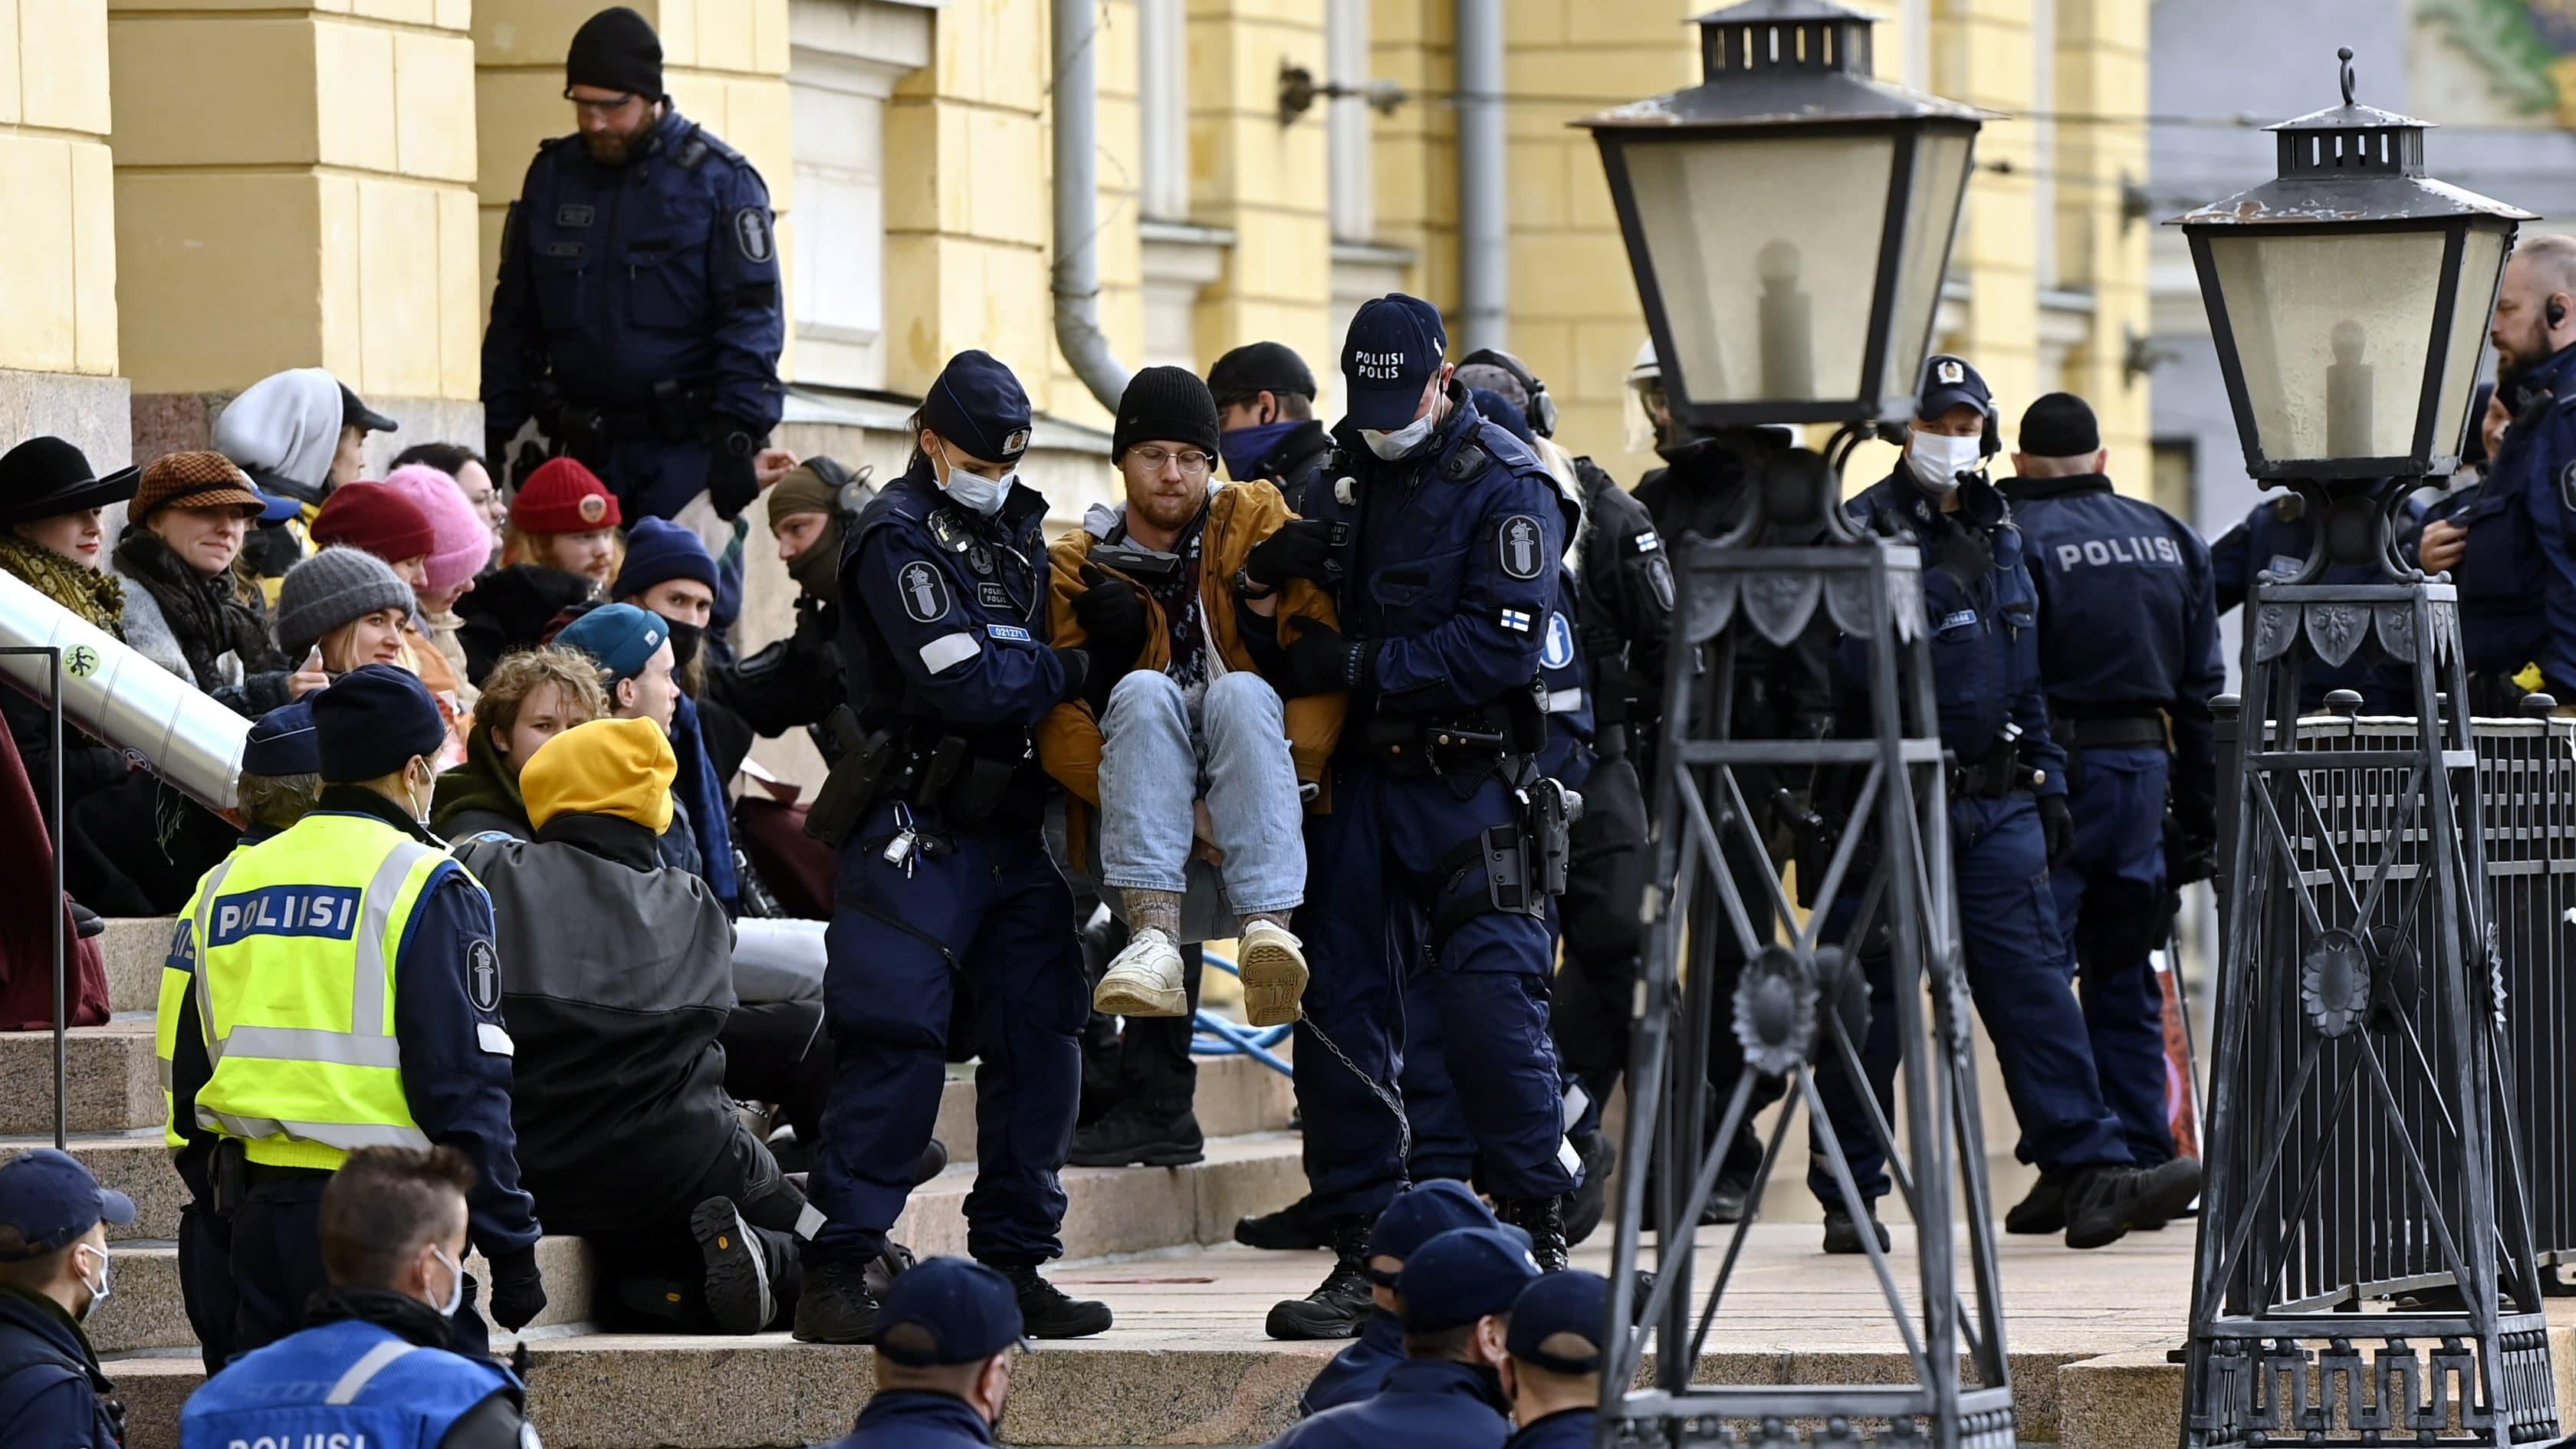 Poliisi siirtää mielenosoittajia pois paikalta - Ympäristöliike Elokapina lukittautui Valtioneuvoston linnan edustalle Helsingissä 8. lokakuuta 2021.